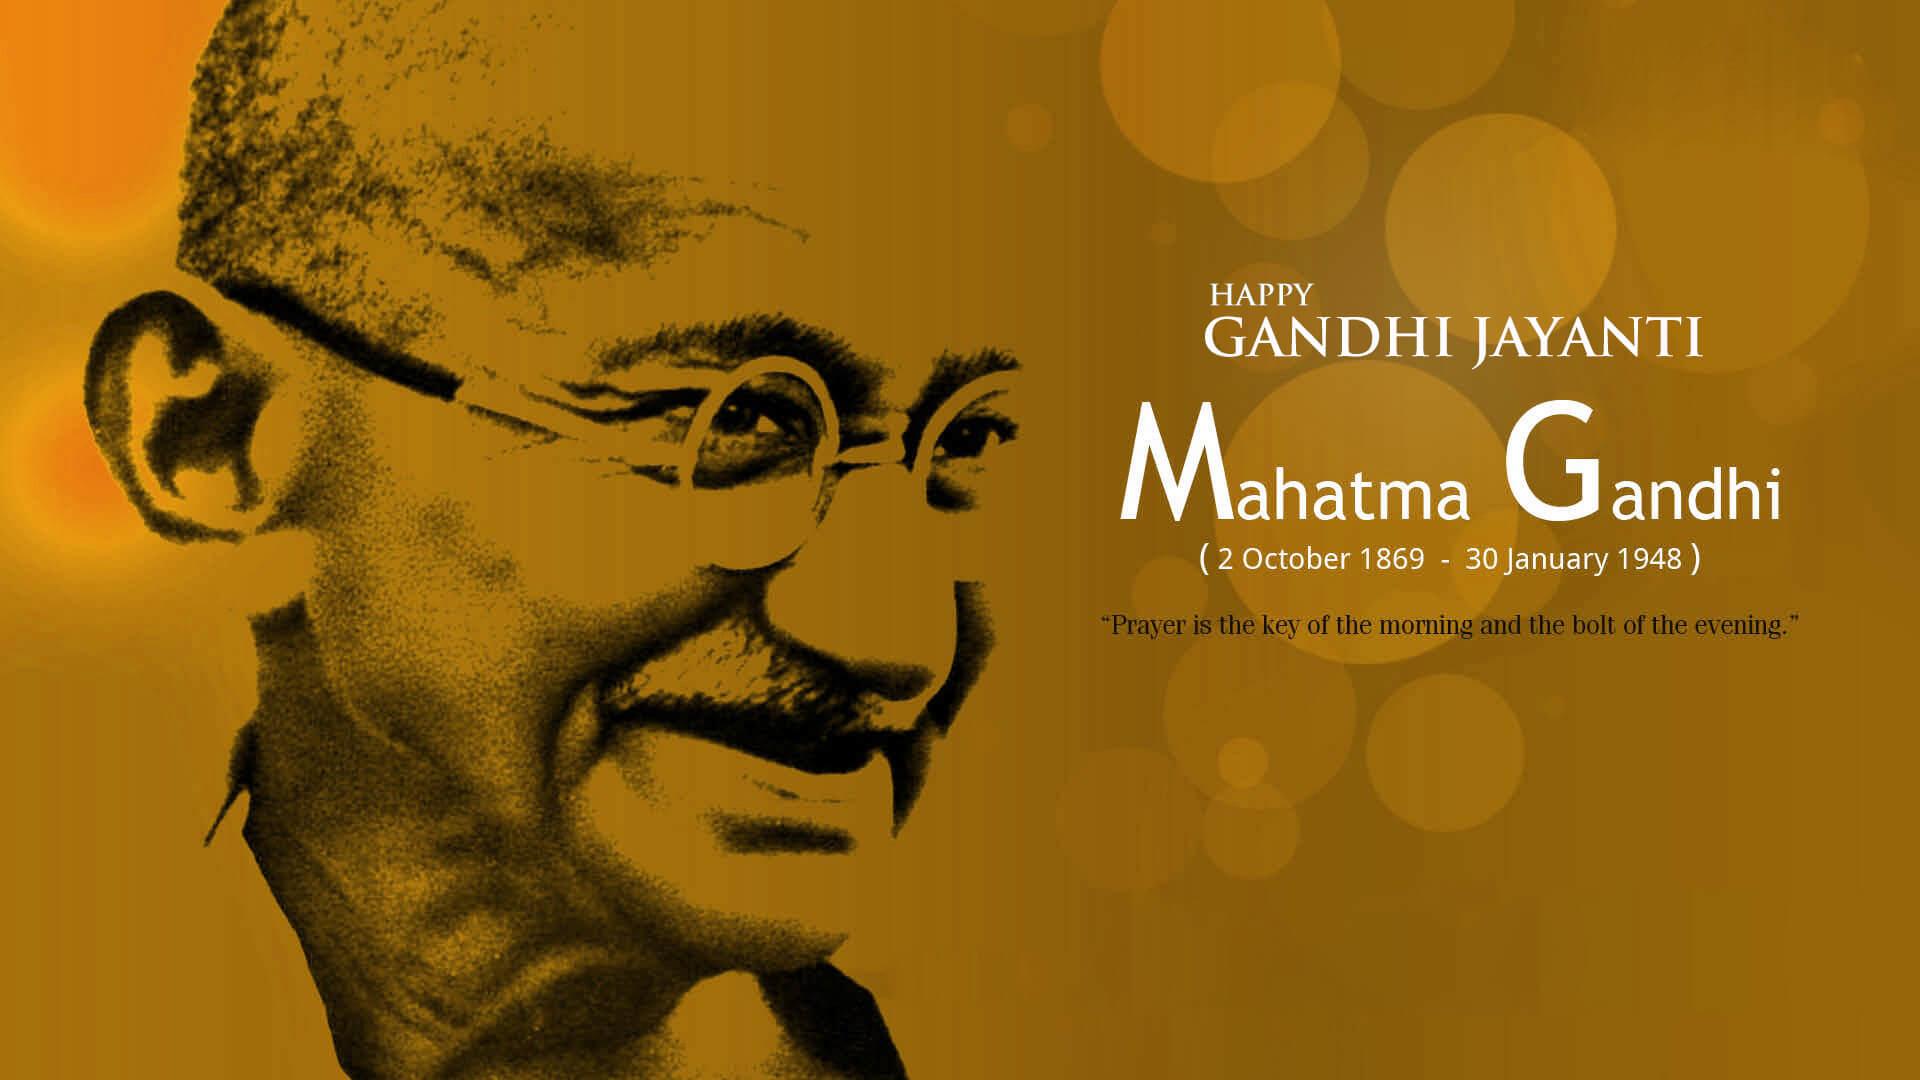 Gandhi Jayanti Wallpapers Free Download